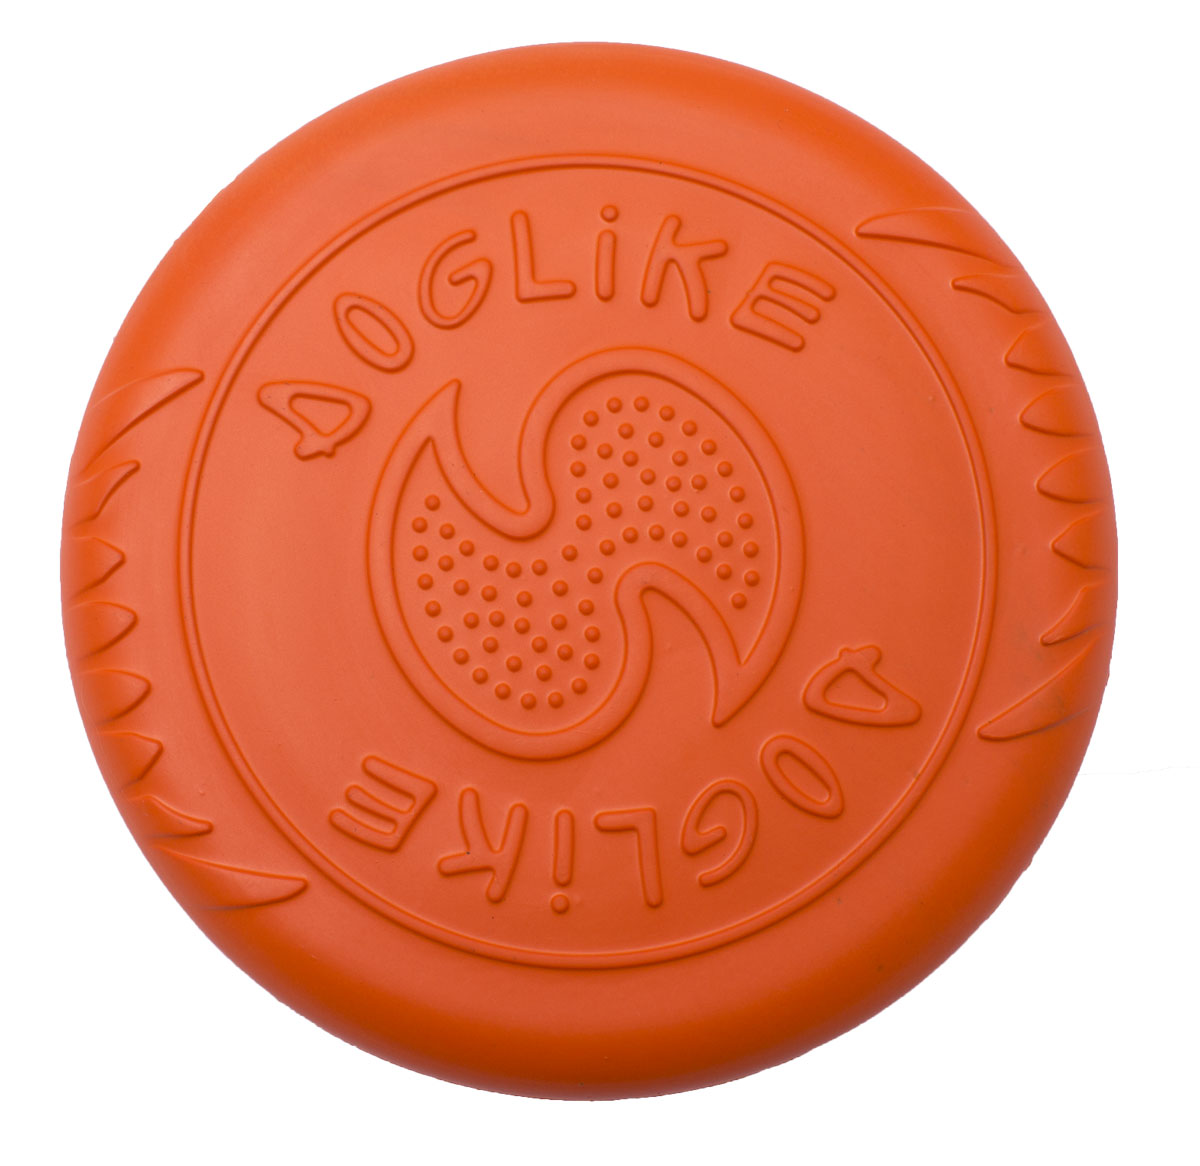 Игрушка для собак Doglike Тарелка летающая, цвет: оранжевый, диаметр 18 см